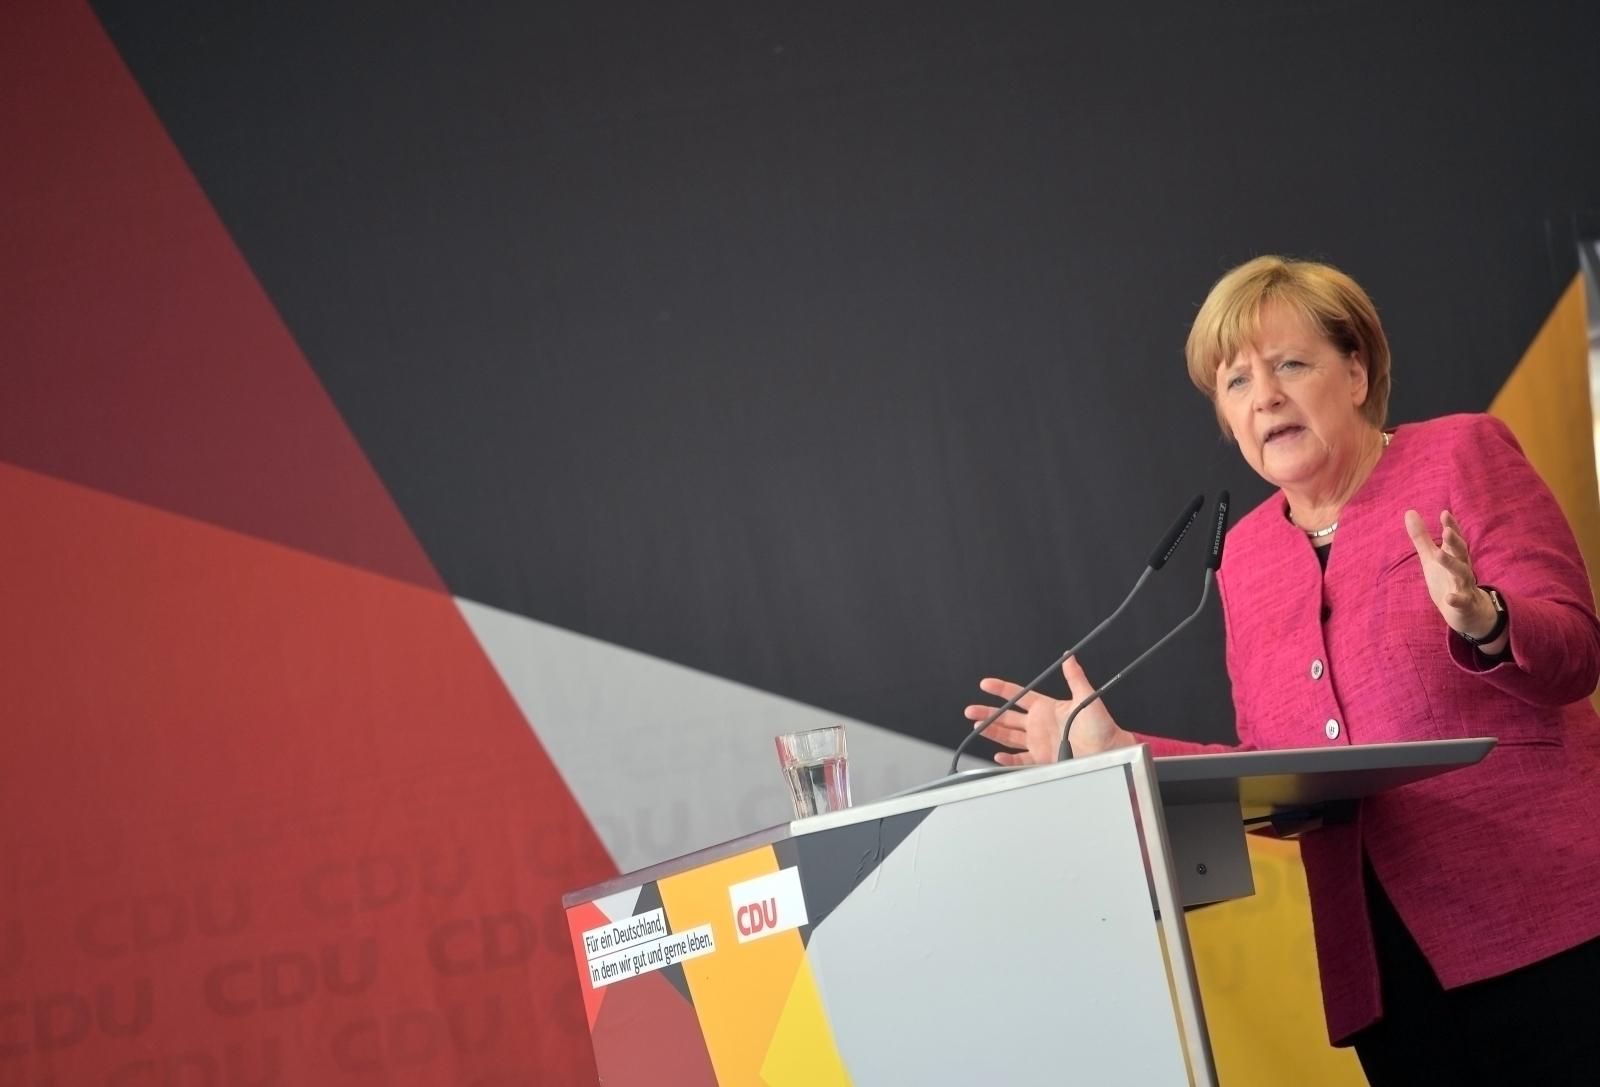 Angela Merkel campaigning in Germany